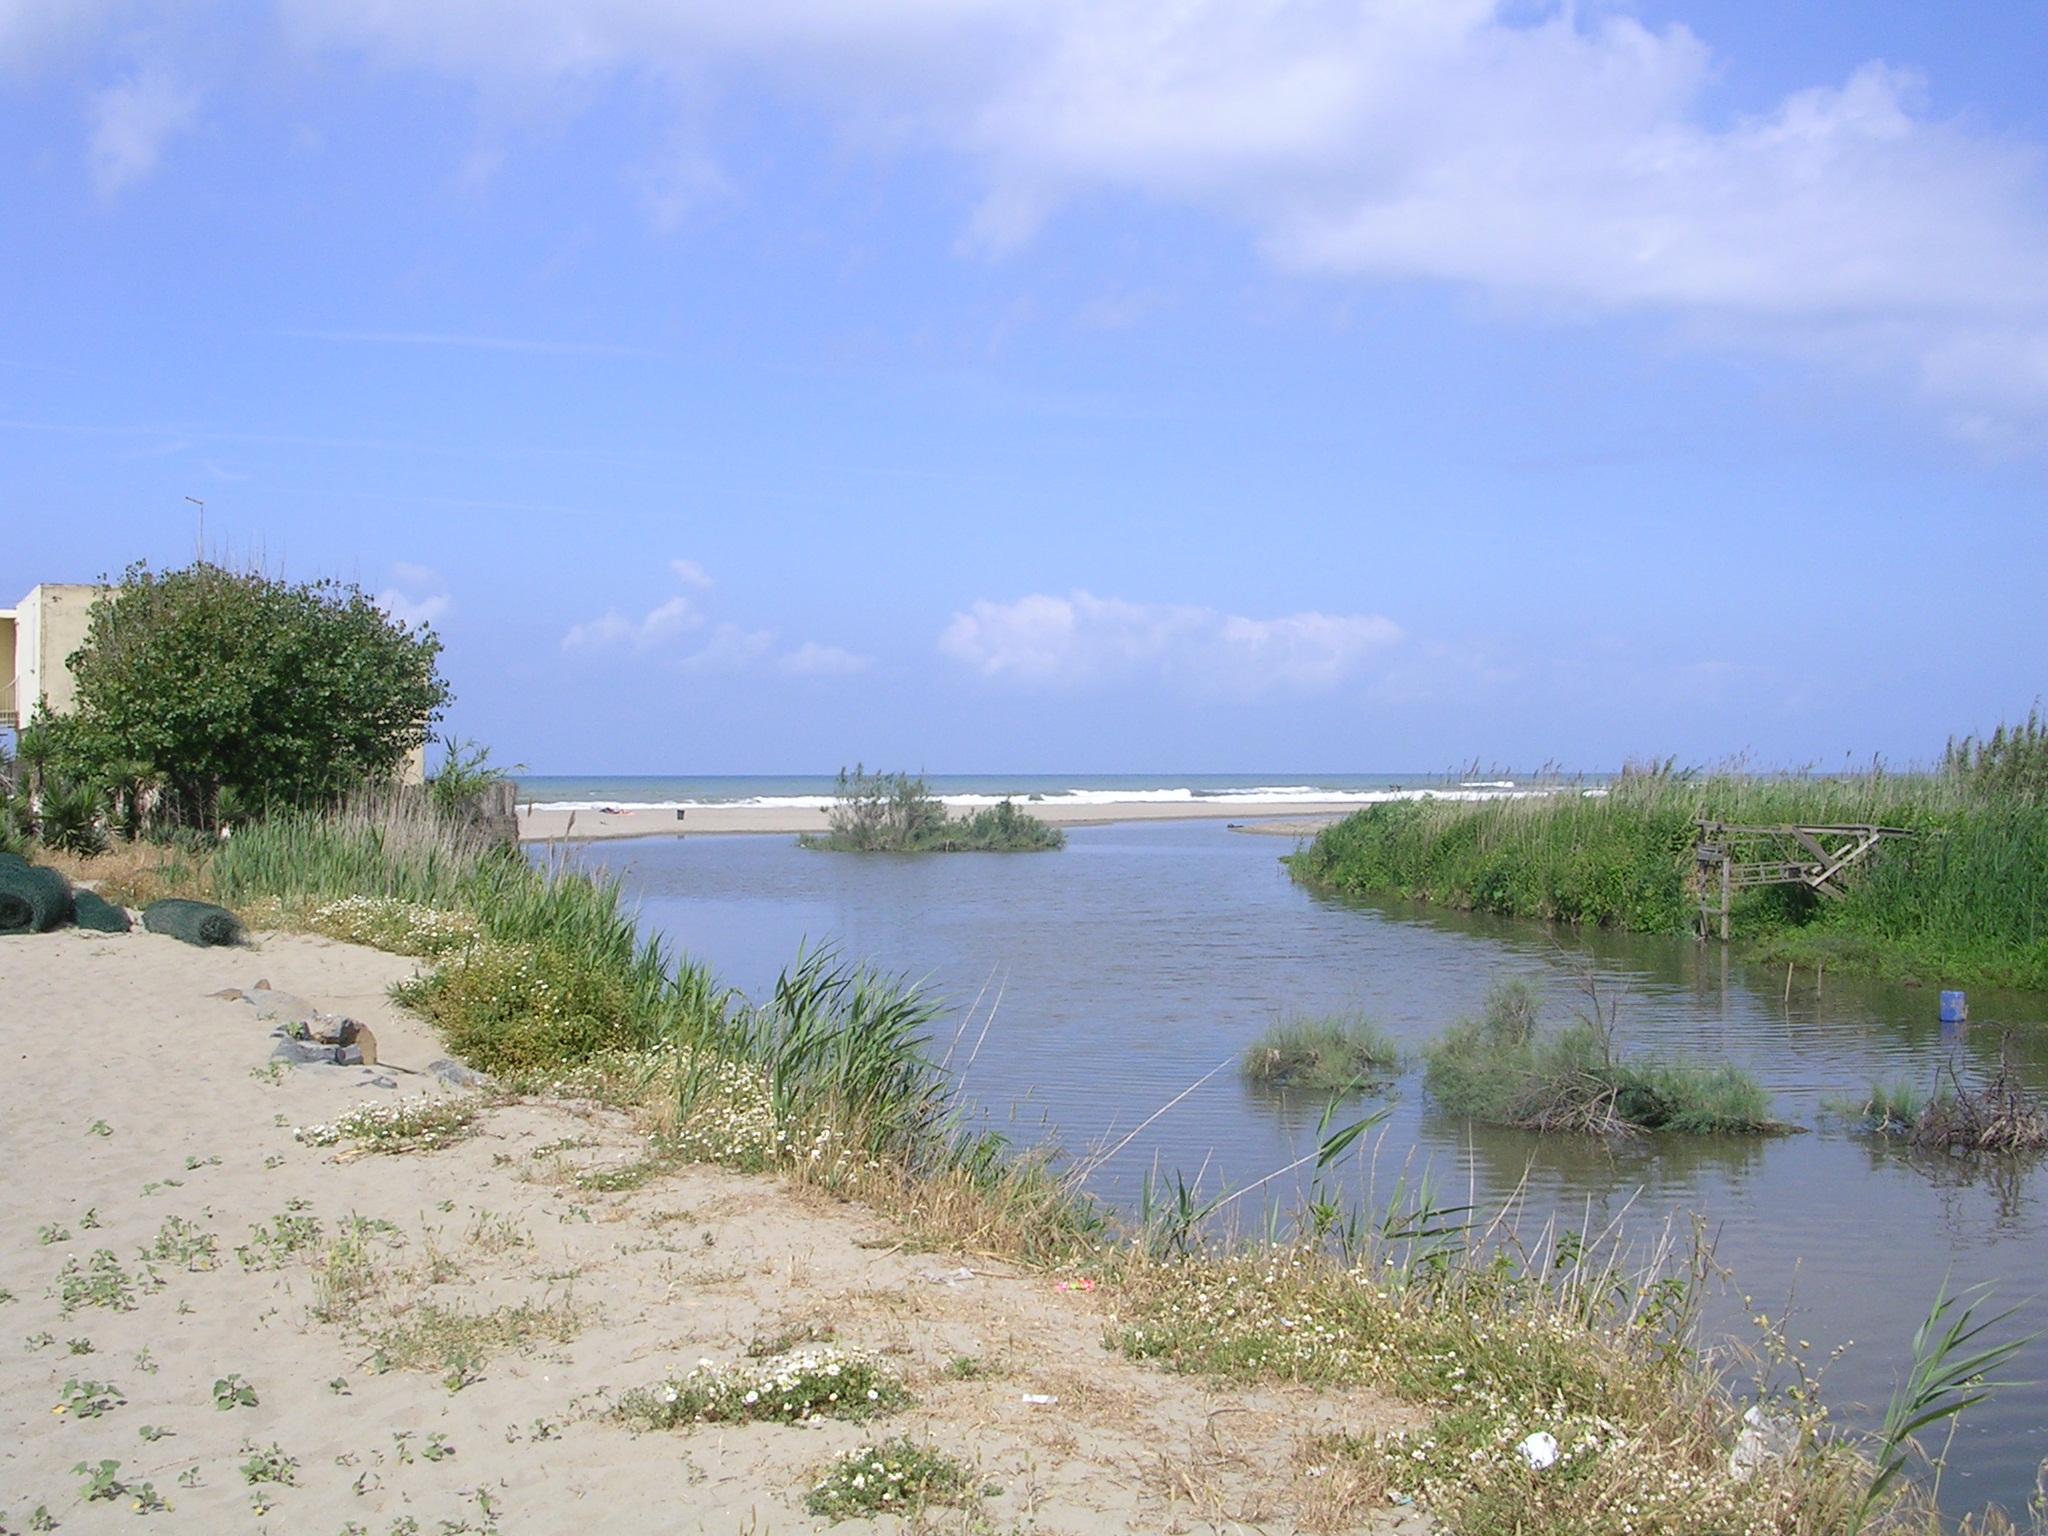 Foce del fiume Arrone (MG. Villani)